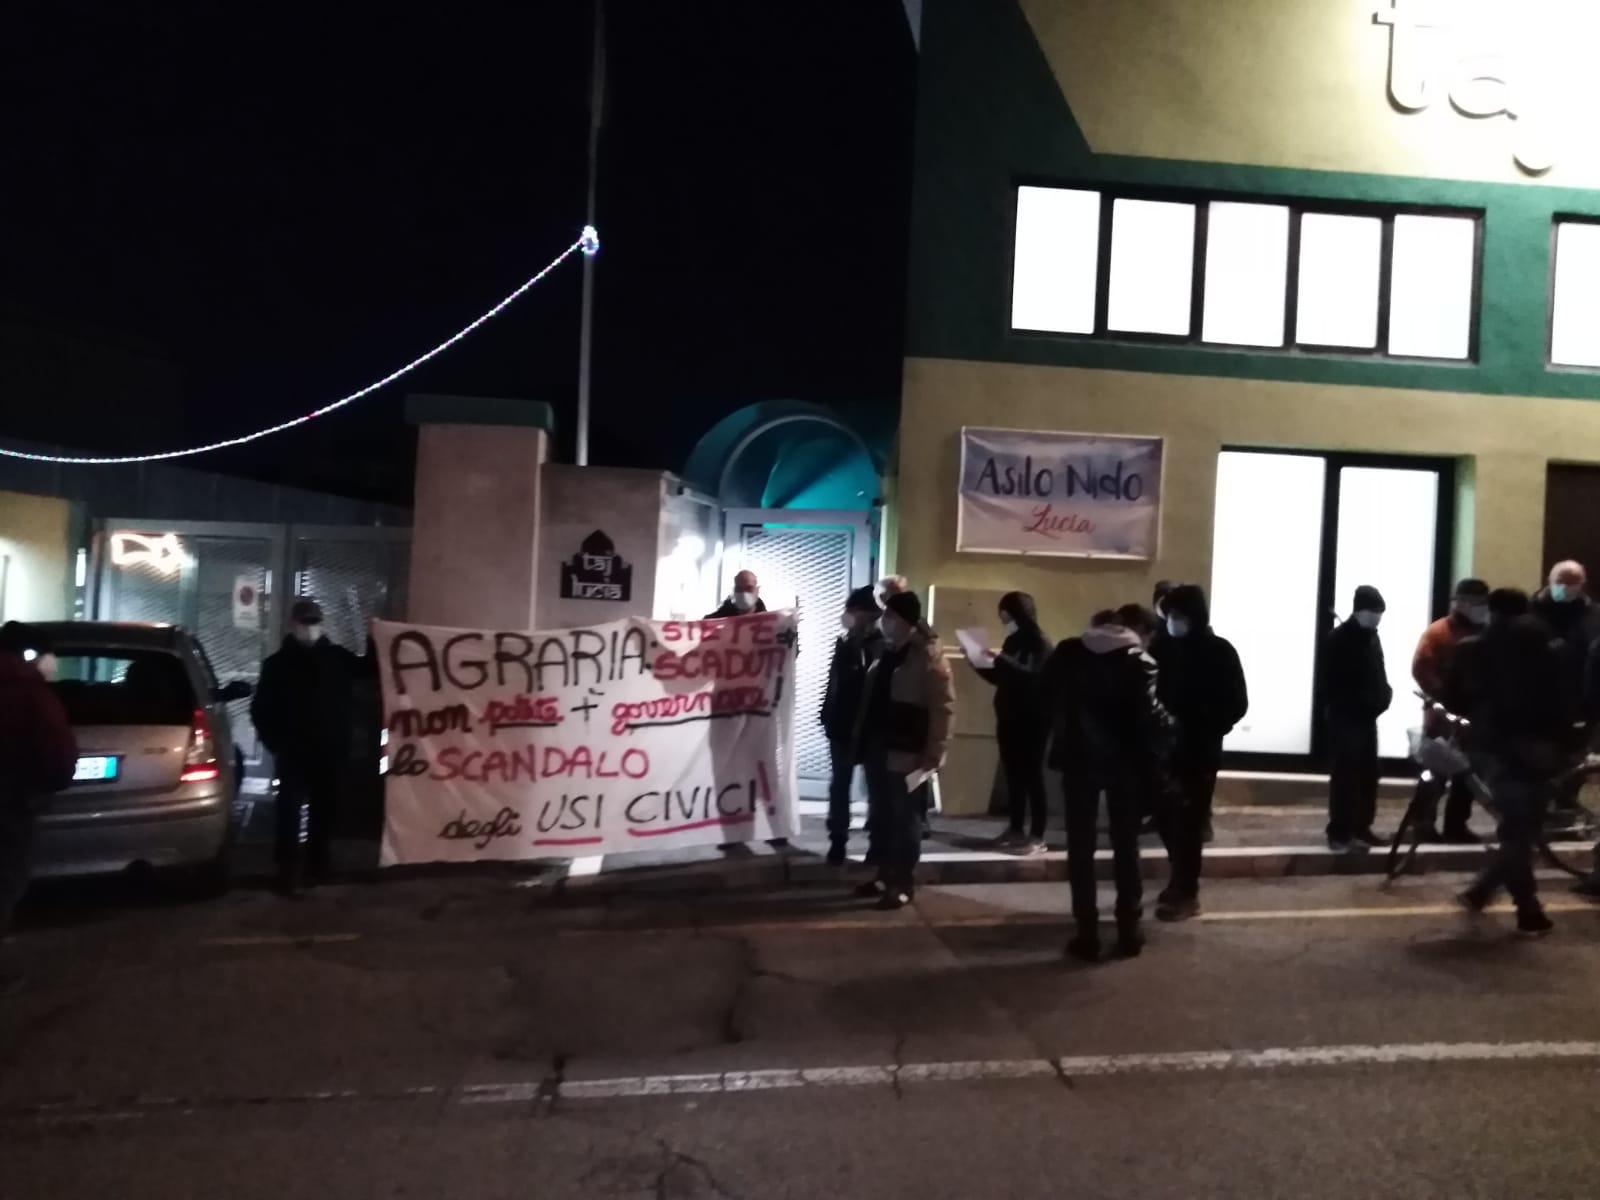 Agraria, salta il cda: protesta del comitato usi civici